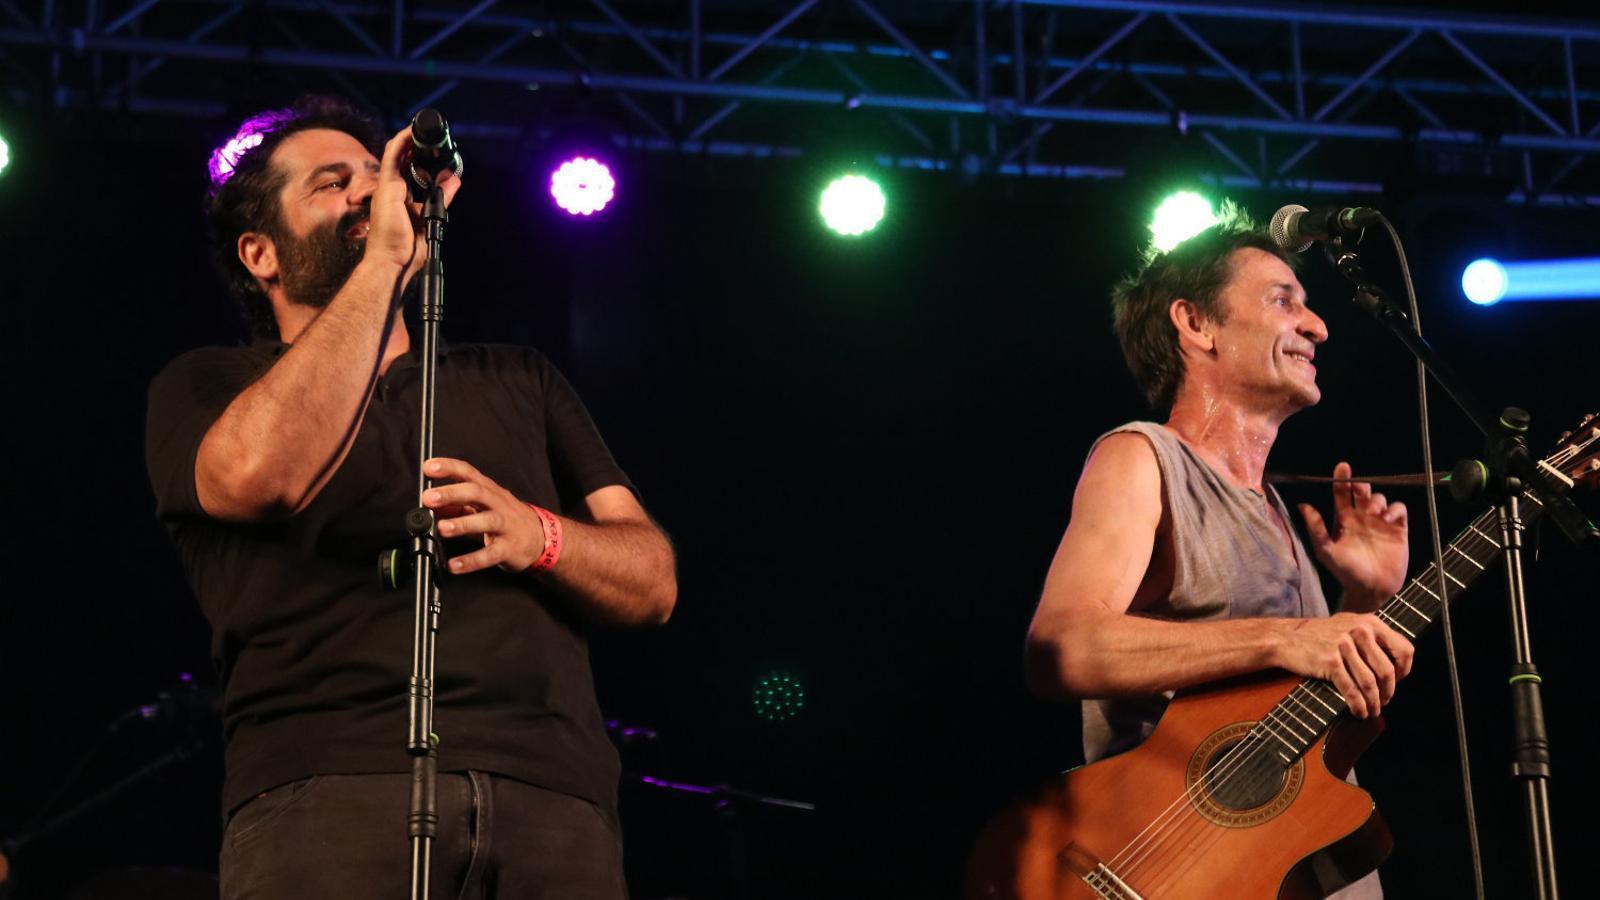 Antònia Font es van tornar a reunir al Concert per la Llibertat d'Expressió i van actuar després del concert d'Albert Pla.